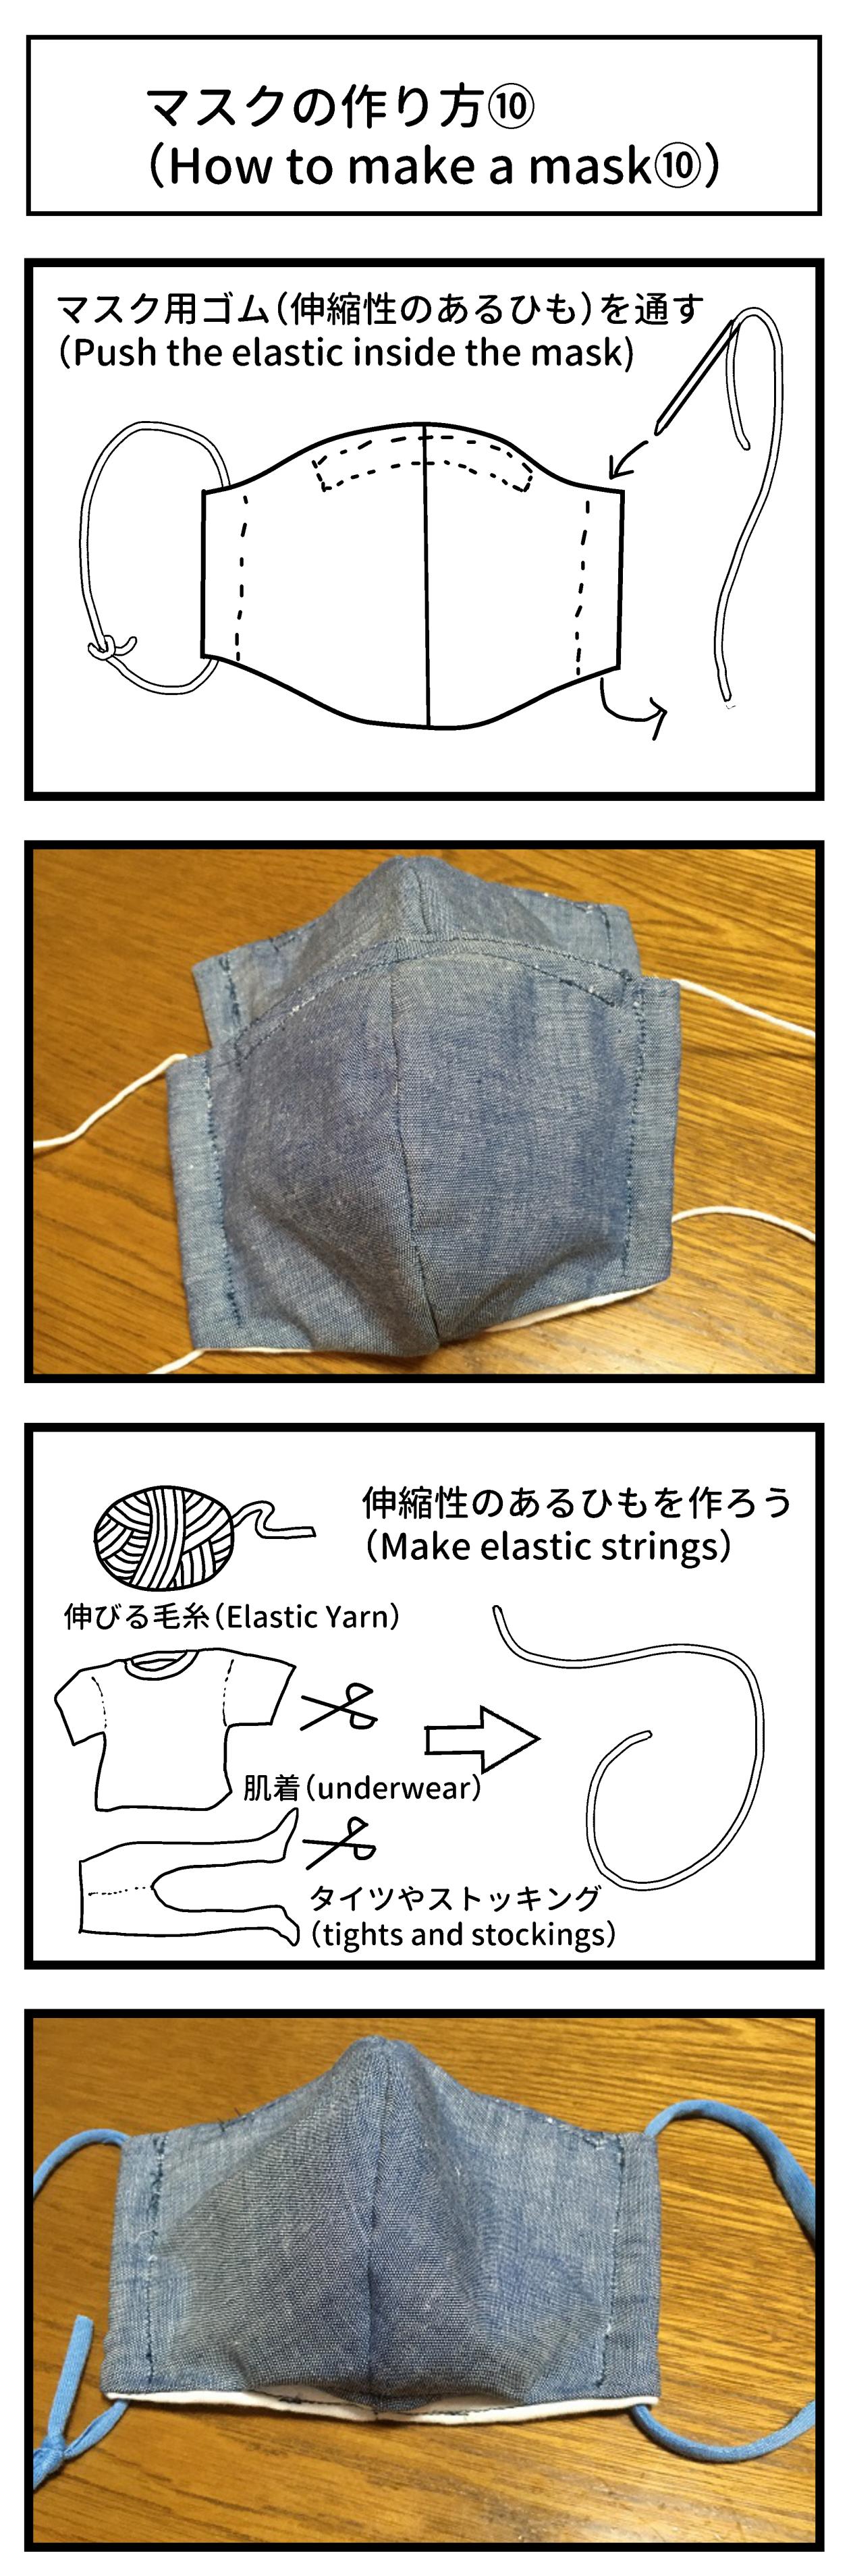 mask マスク 布マスク Cloth mask マスクの作り方 makemask fablic マスクの材料 3dmask 立体マスク 3Dマスク マンガ 漫画 まんが manga とさくら とさくらマンガブログ ブログ Tosakura 高知 shiroi N 夏乃しおり